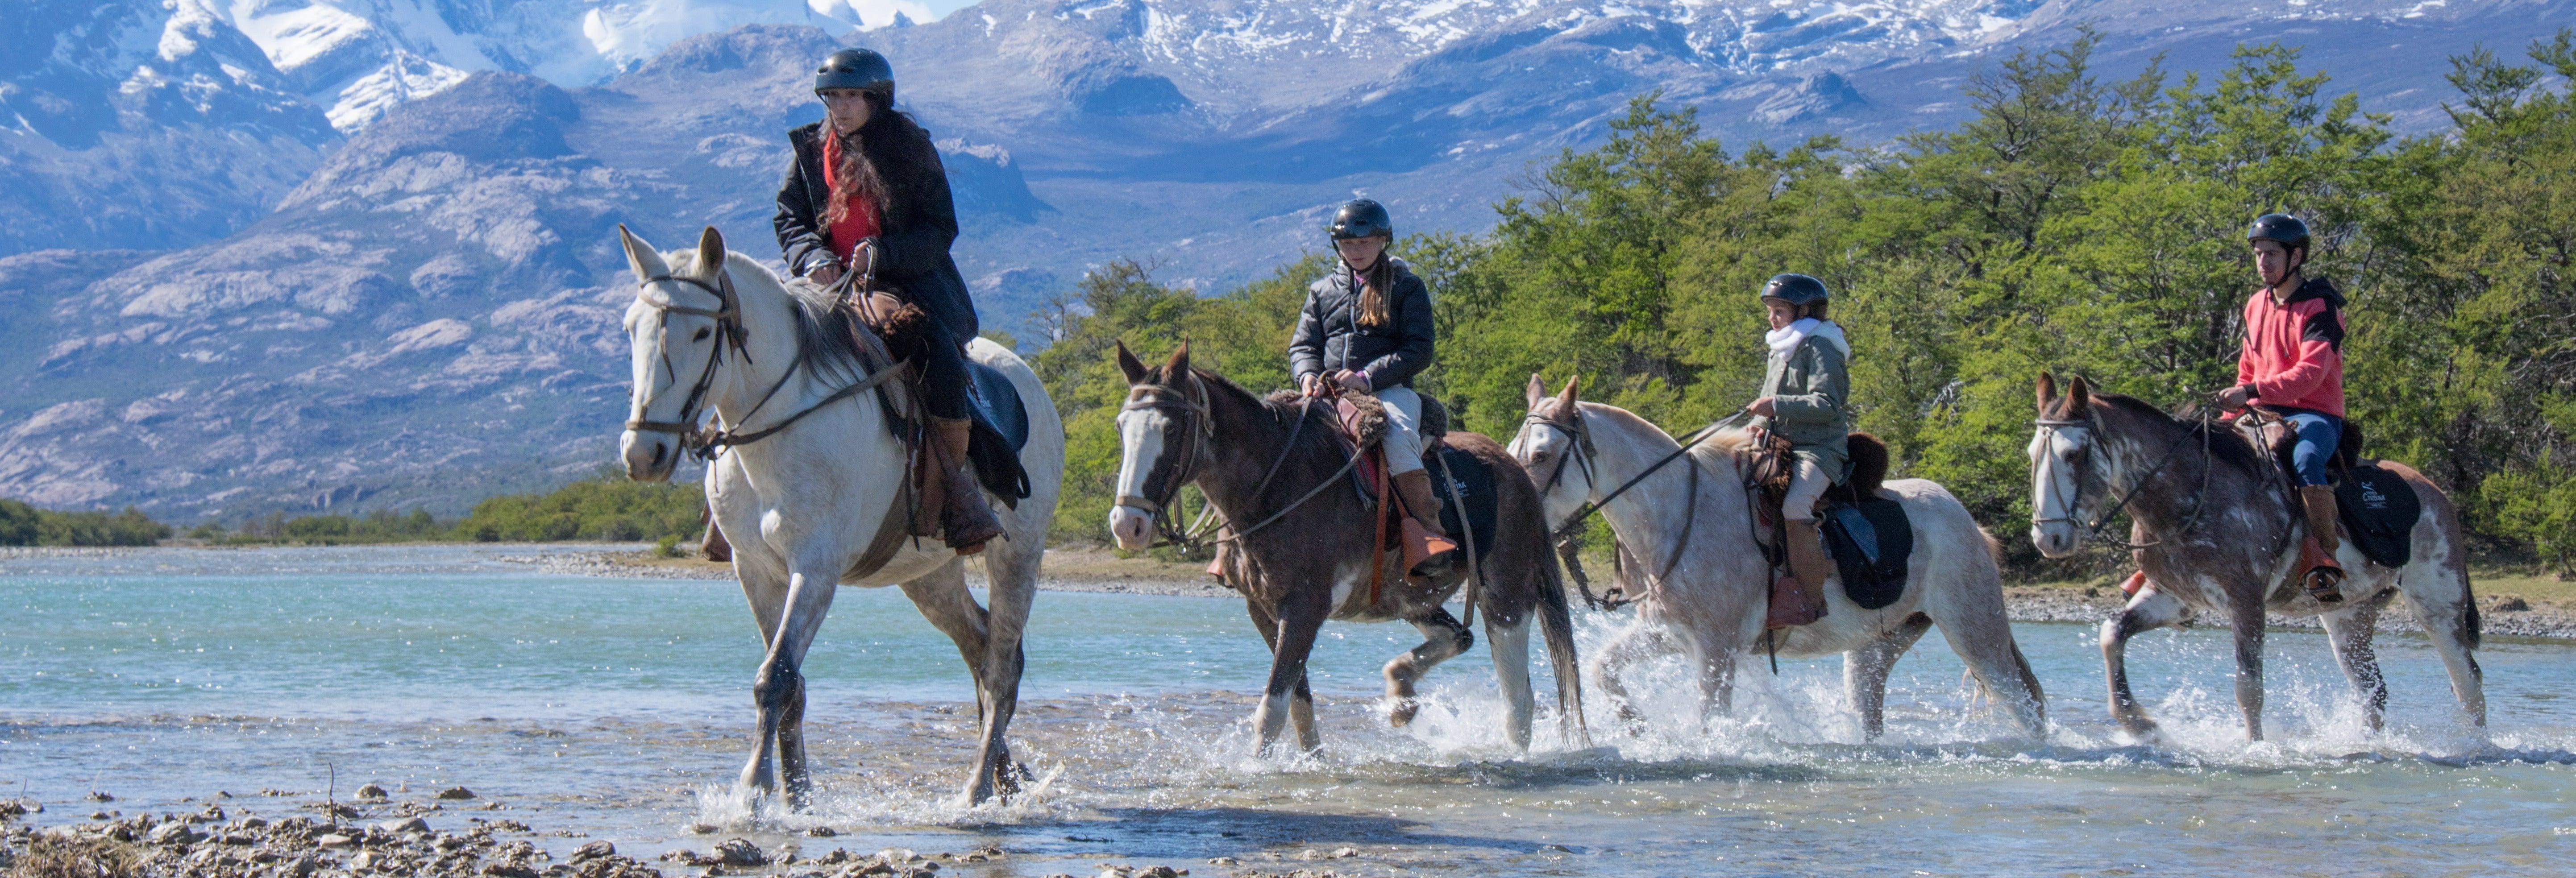 Balade à cheval à Estancia Cristina